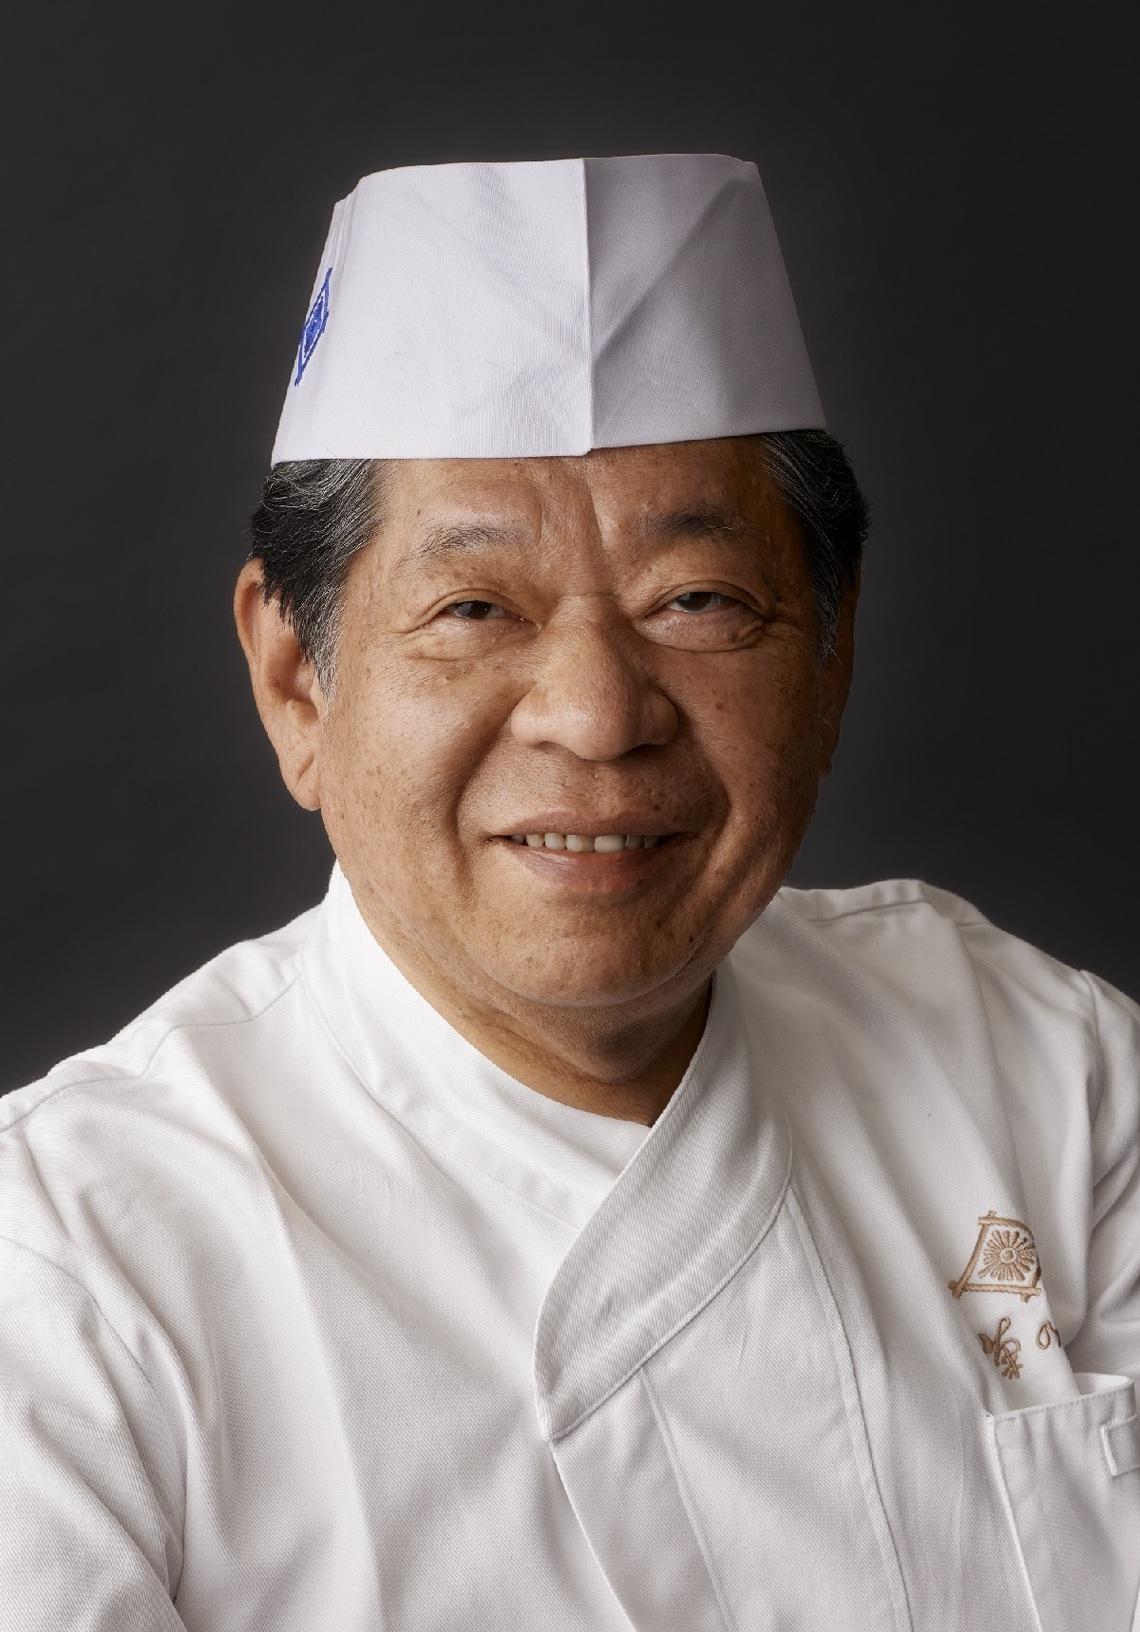 村田吉弘氏(株式会社菊の井代表取締役、日本料理アカデミー理事長